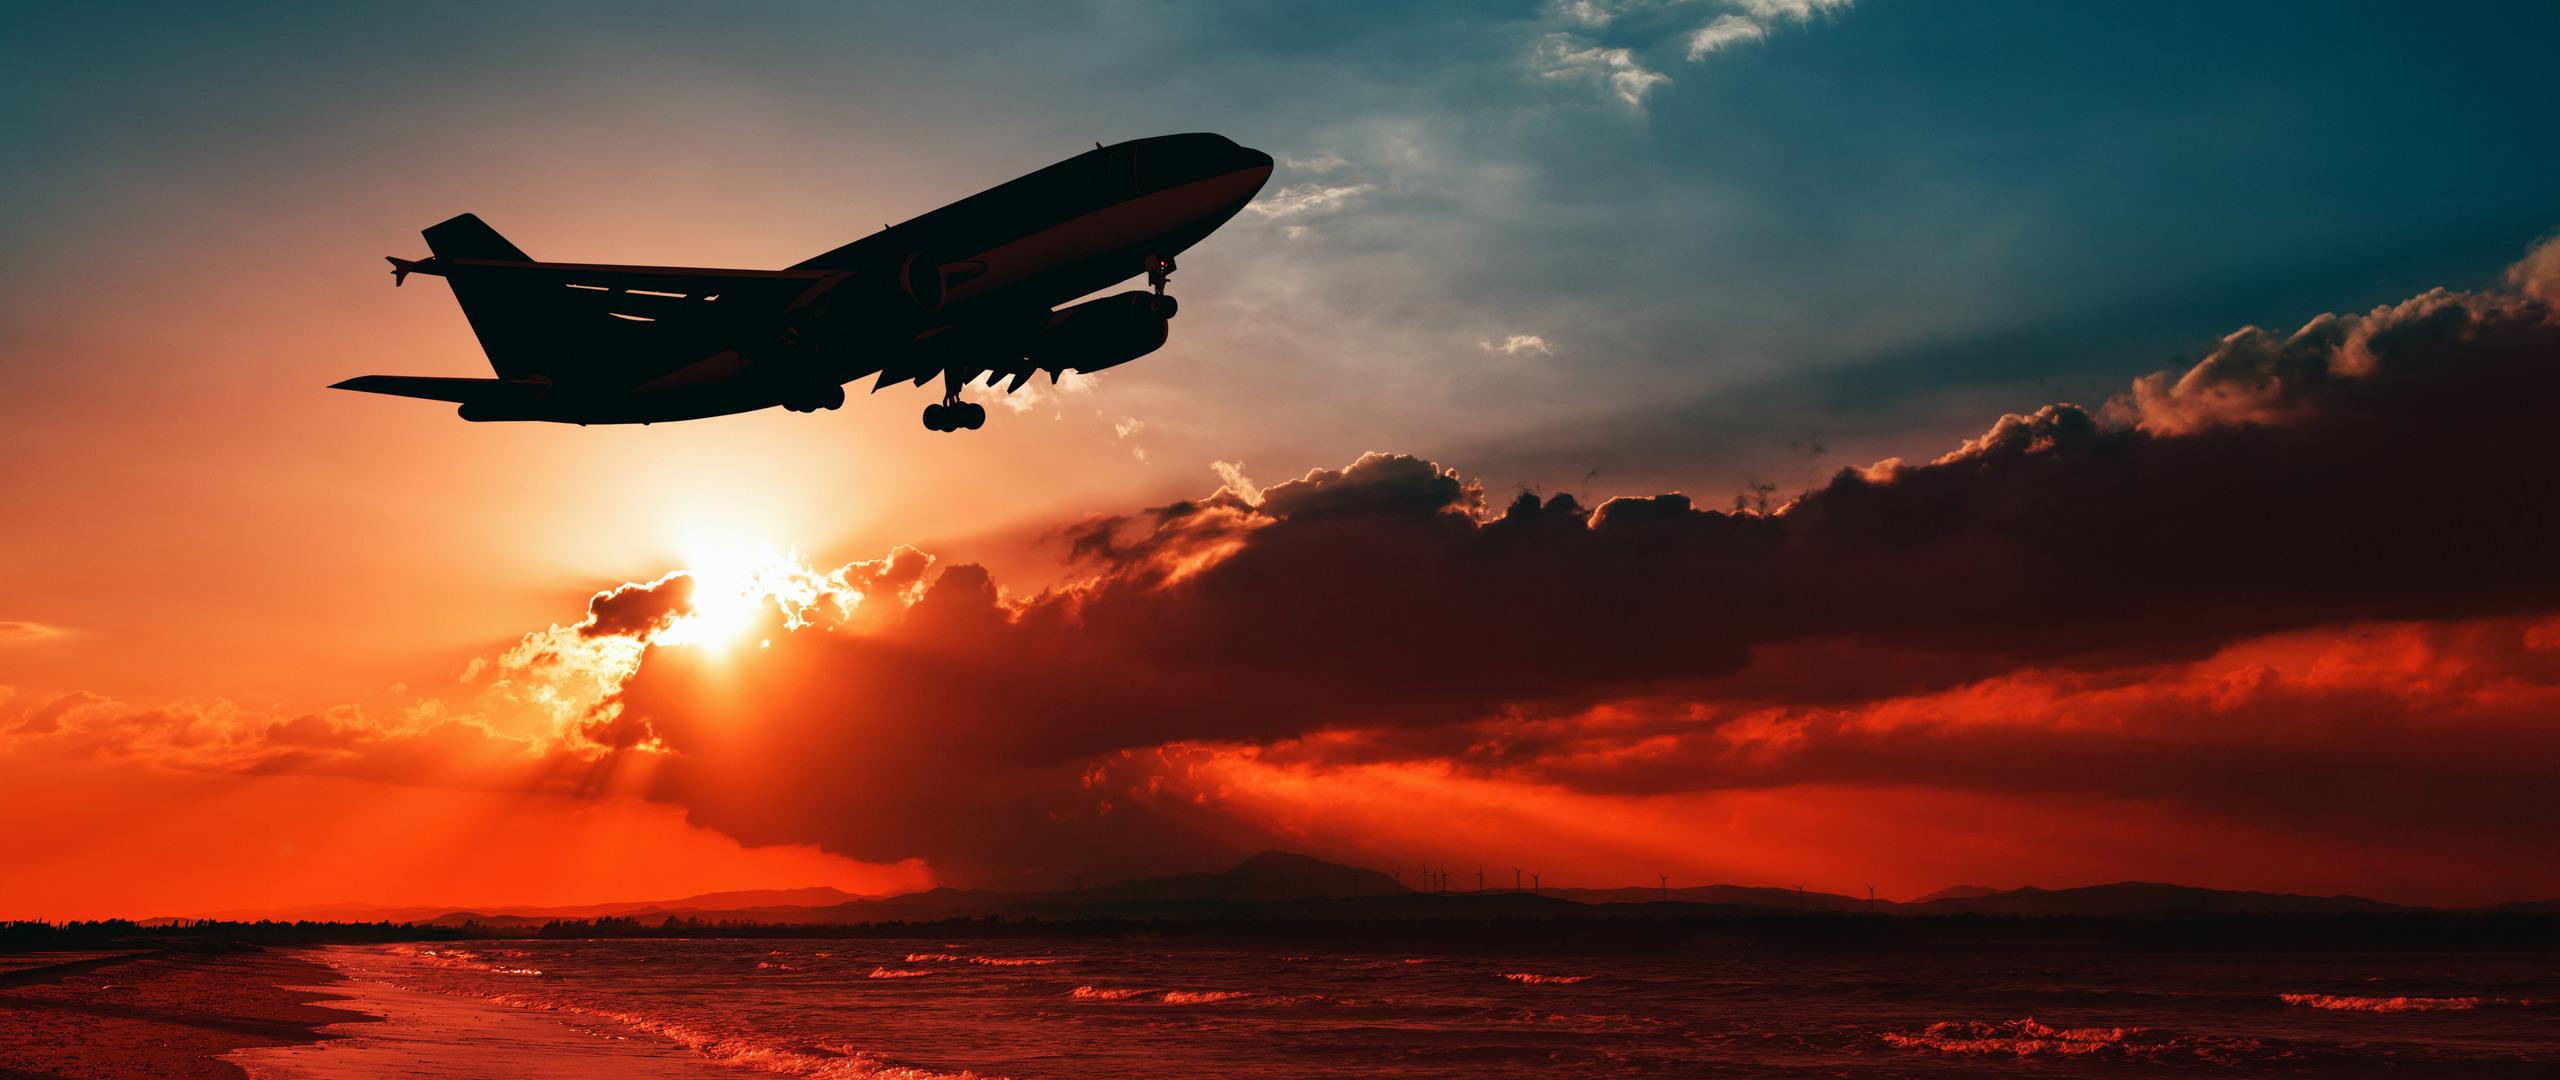 airplane-flying-over-beach-shore-sunset-5k-l9.jpg